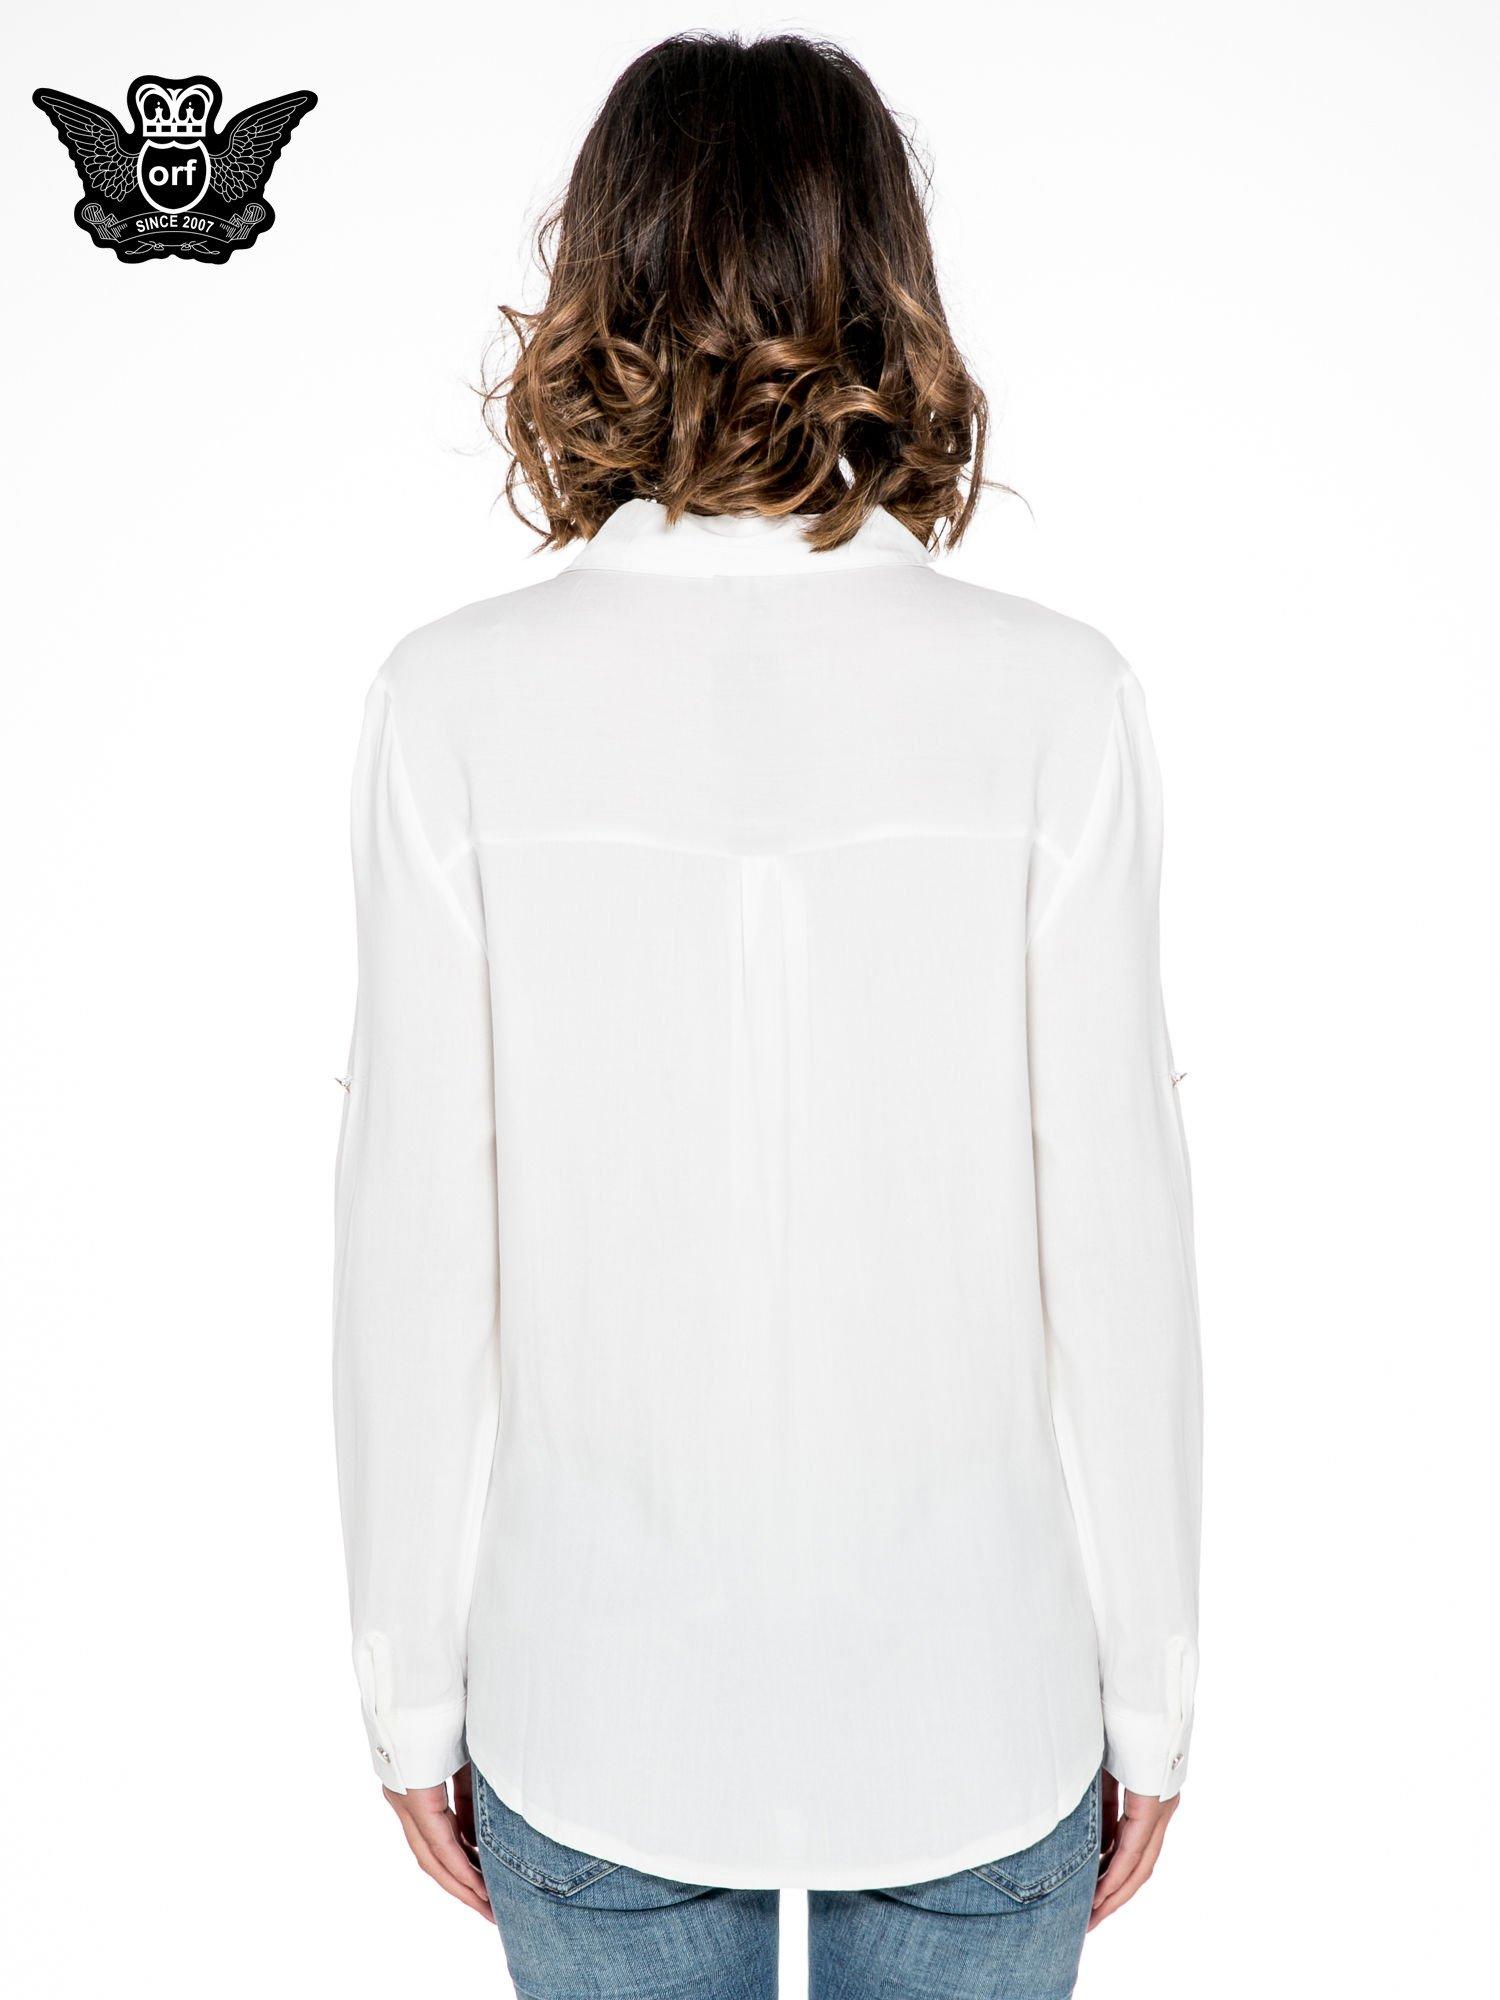 Biała elegancka koszula z suwakami i napami                                  zdj.                                  4